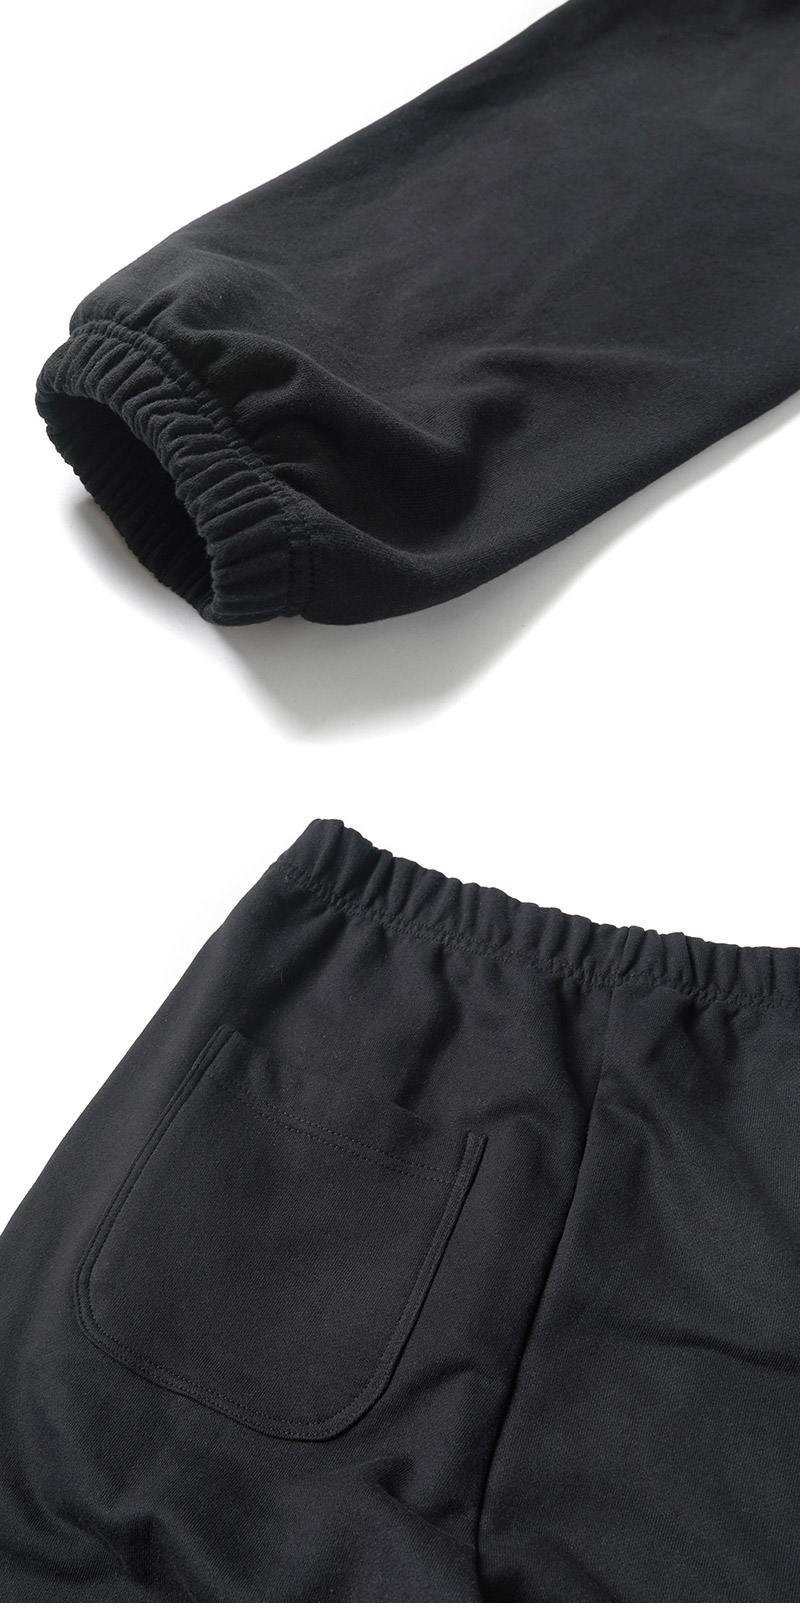 크리틱(CRITIC) SIDE LOGO SWEAT PANTS(BLACK)_CTONPPT02UC6